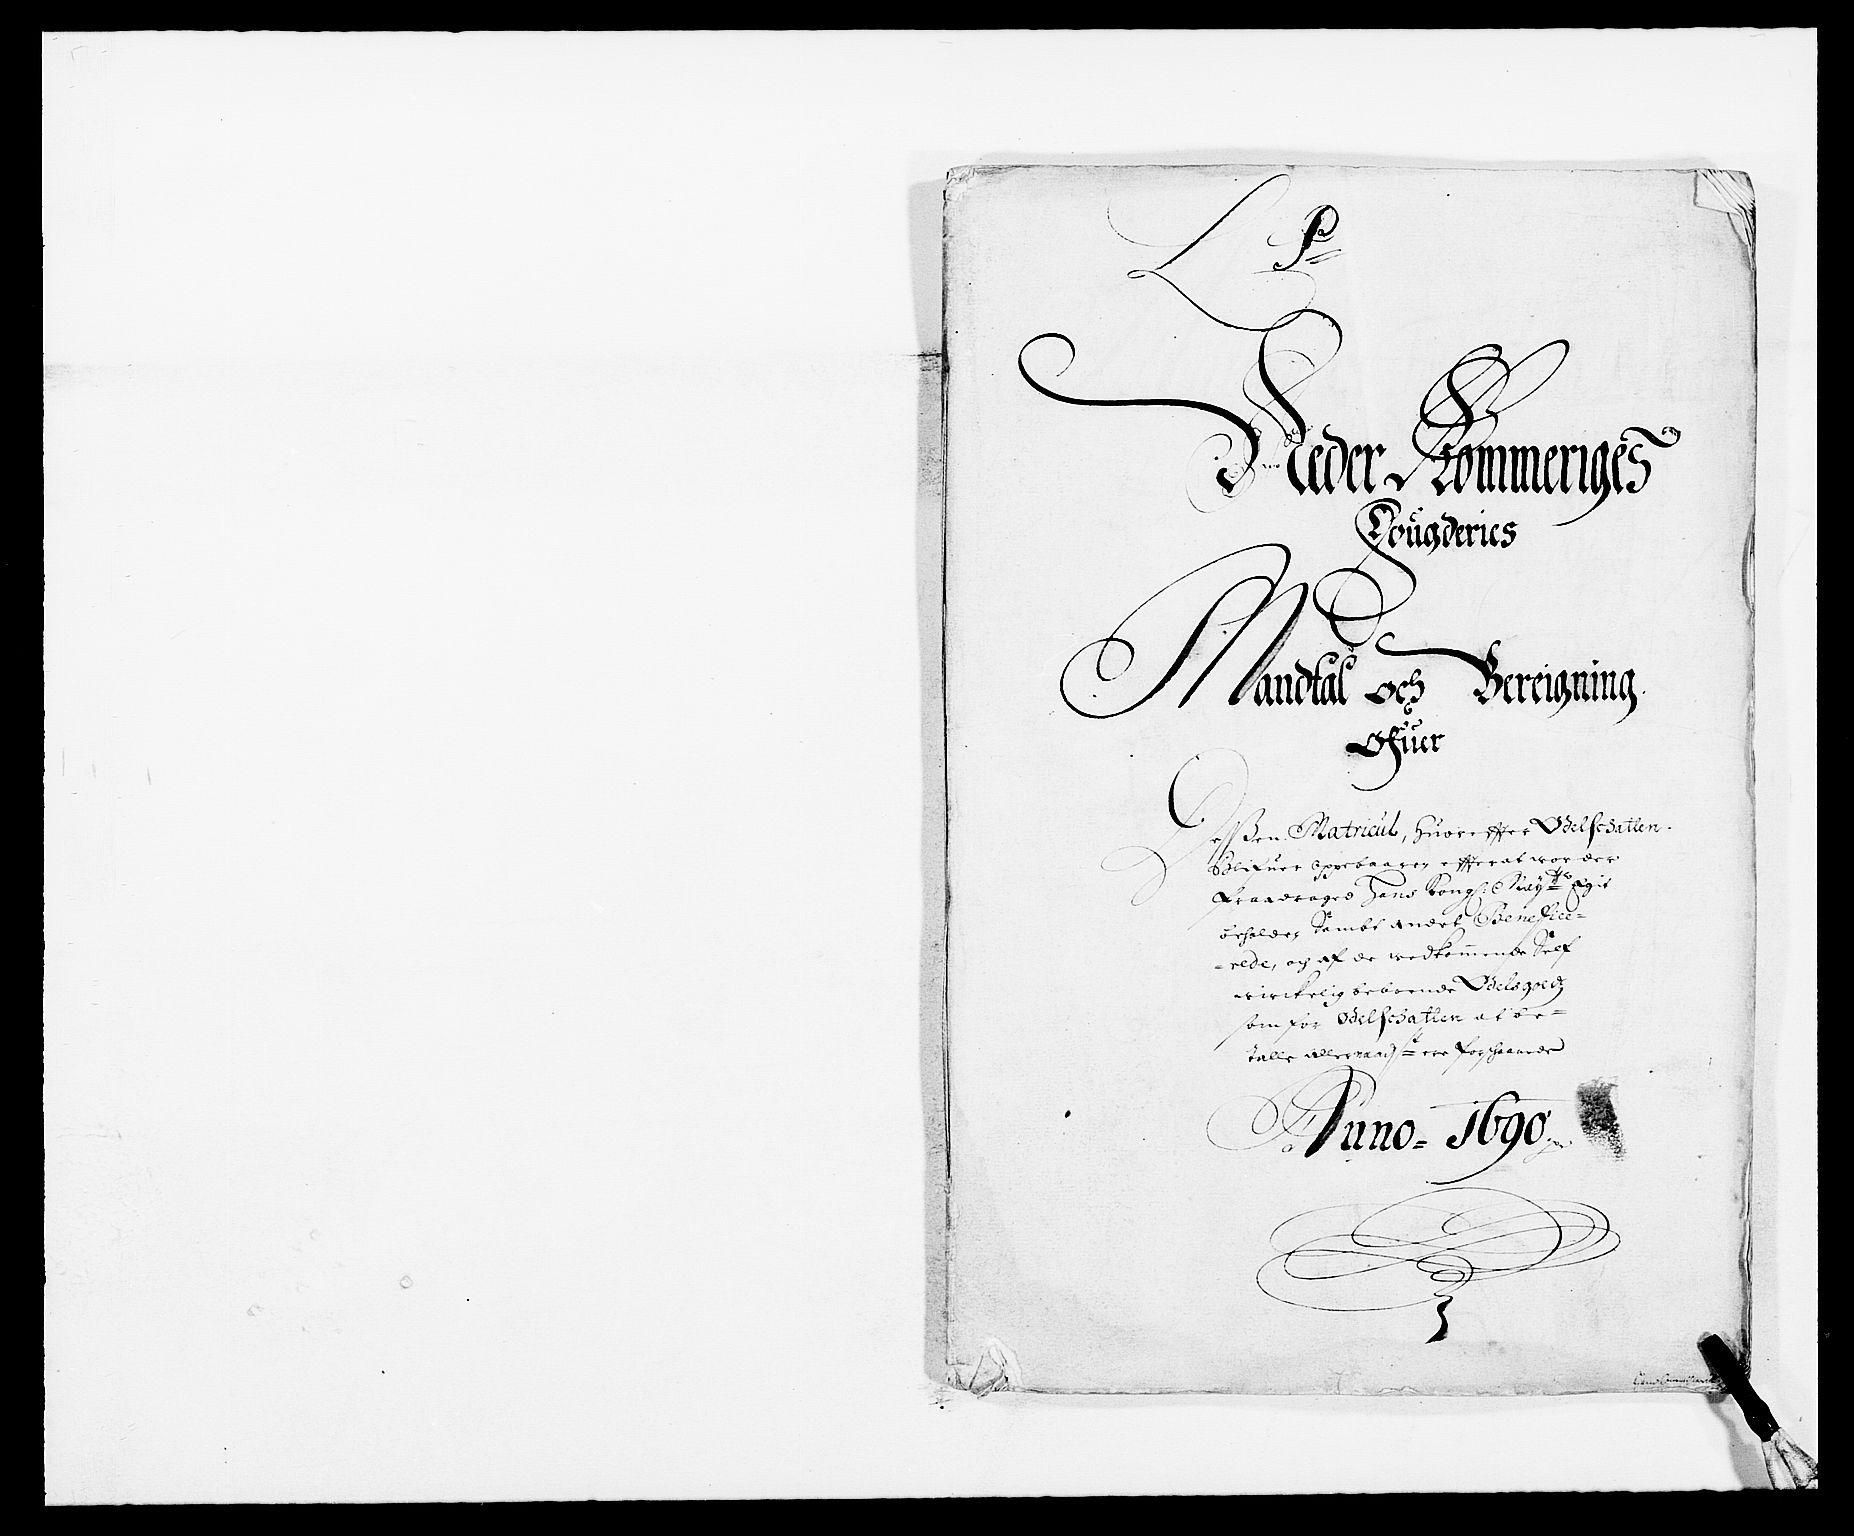 RA, Rentekammeret inntil 1814, Reviderte regnskaper, Fogderegnskap, R11/L0574: Fogderegnskap Nedre Romerike, 1689-1690, s. 319